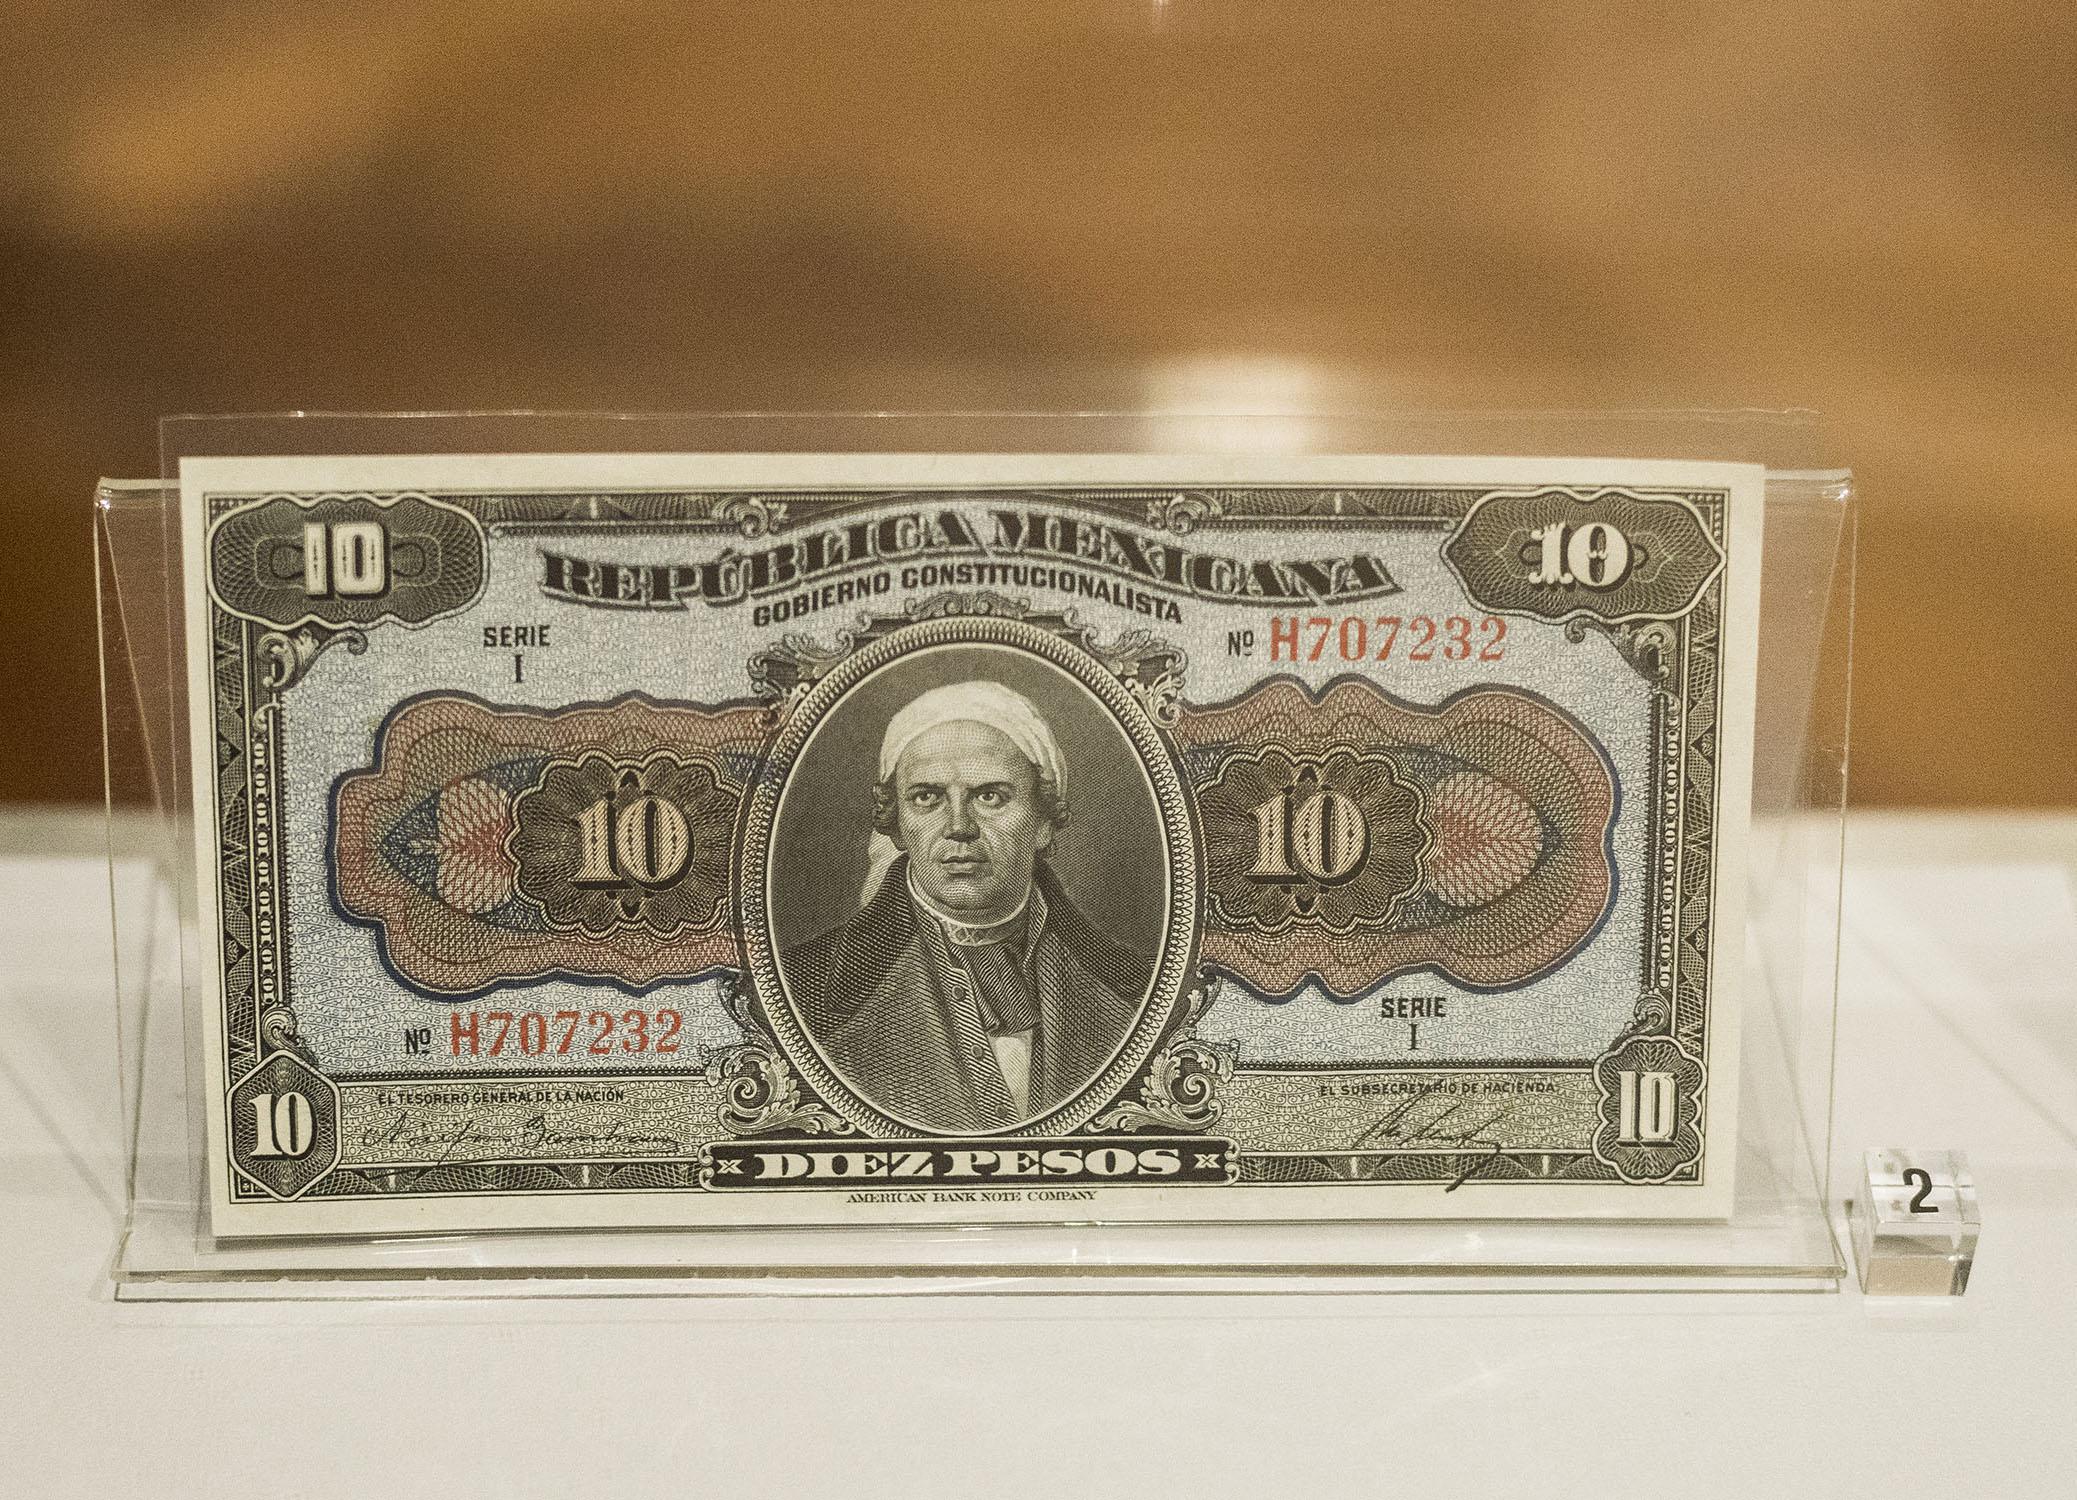 Imagen Moneda e Historia en el Centenario de la Constitución de 1917